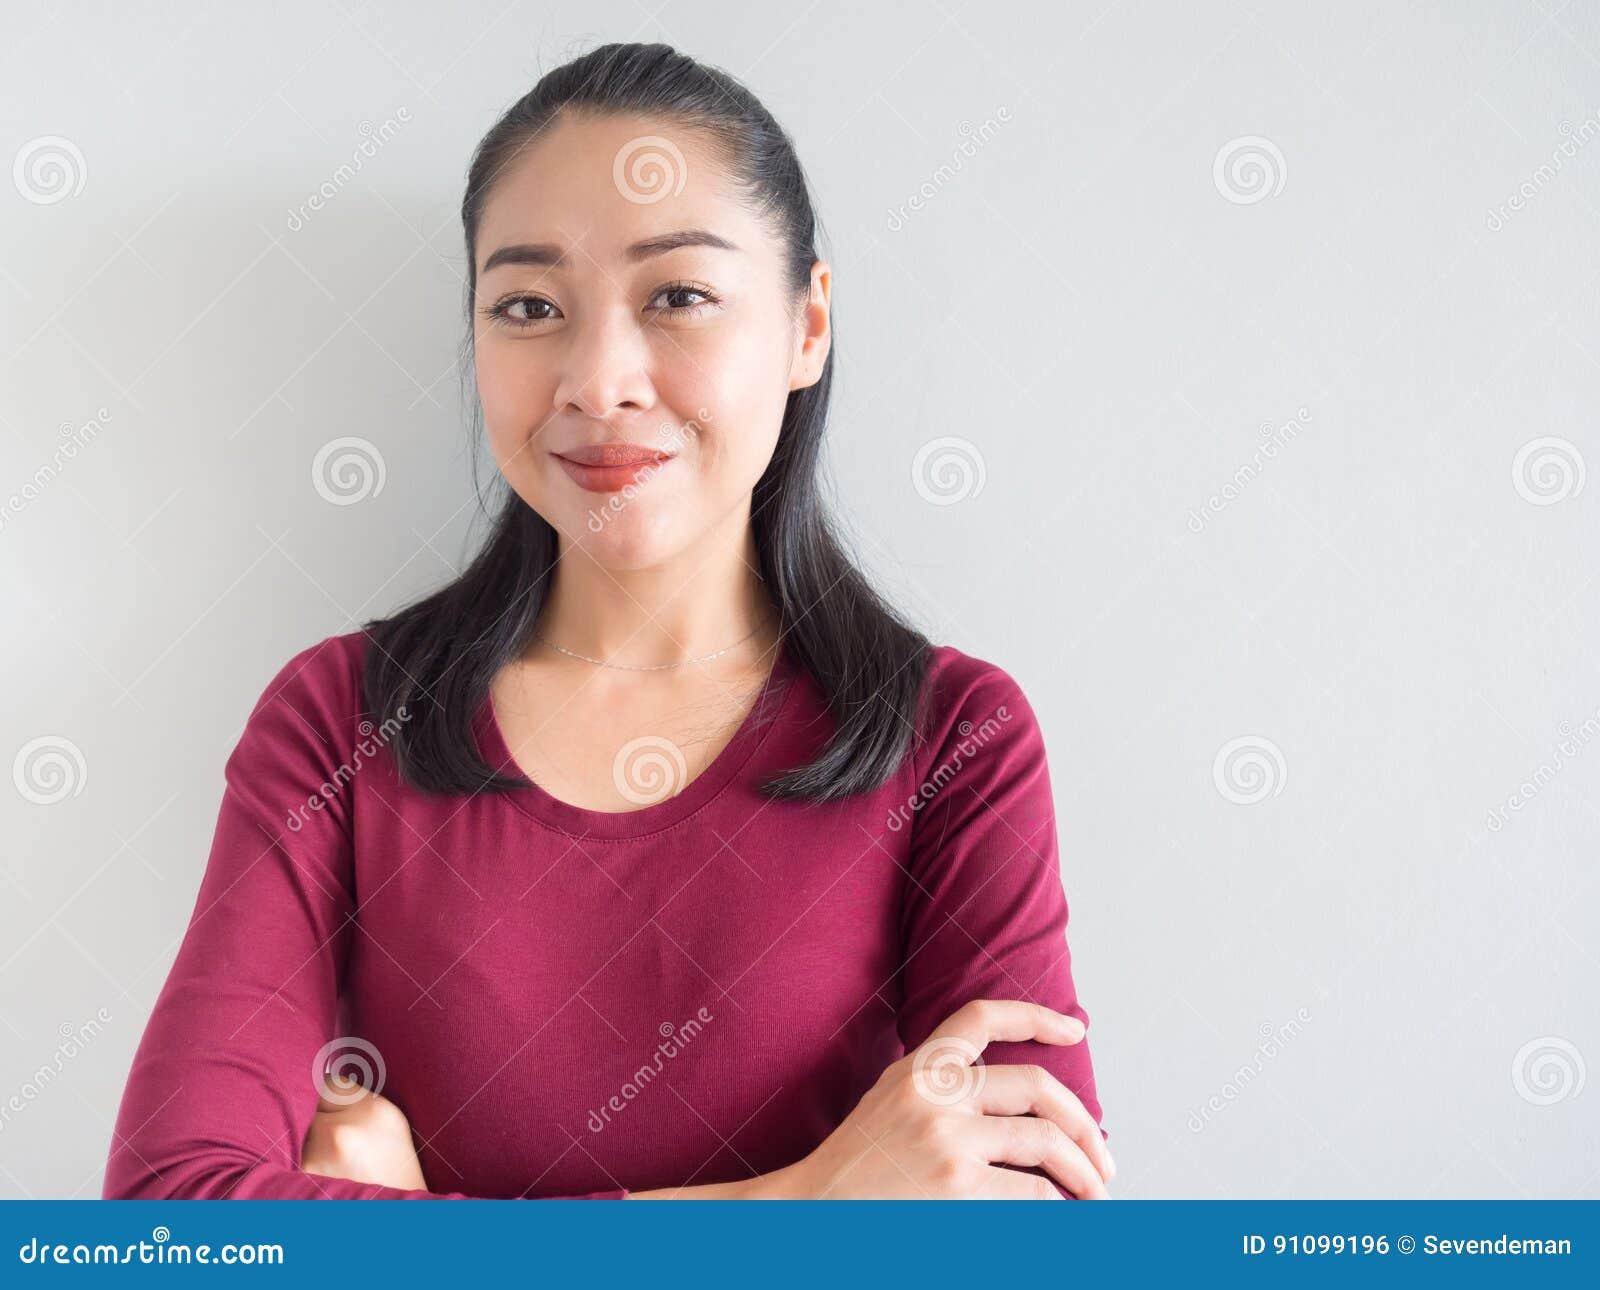 Uśmiech i zaufanie kobieta